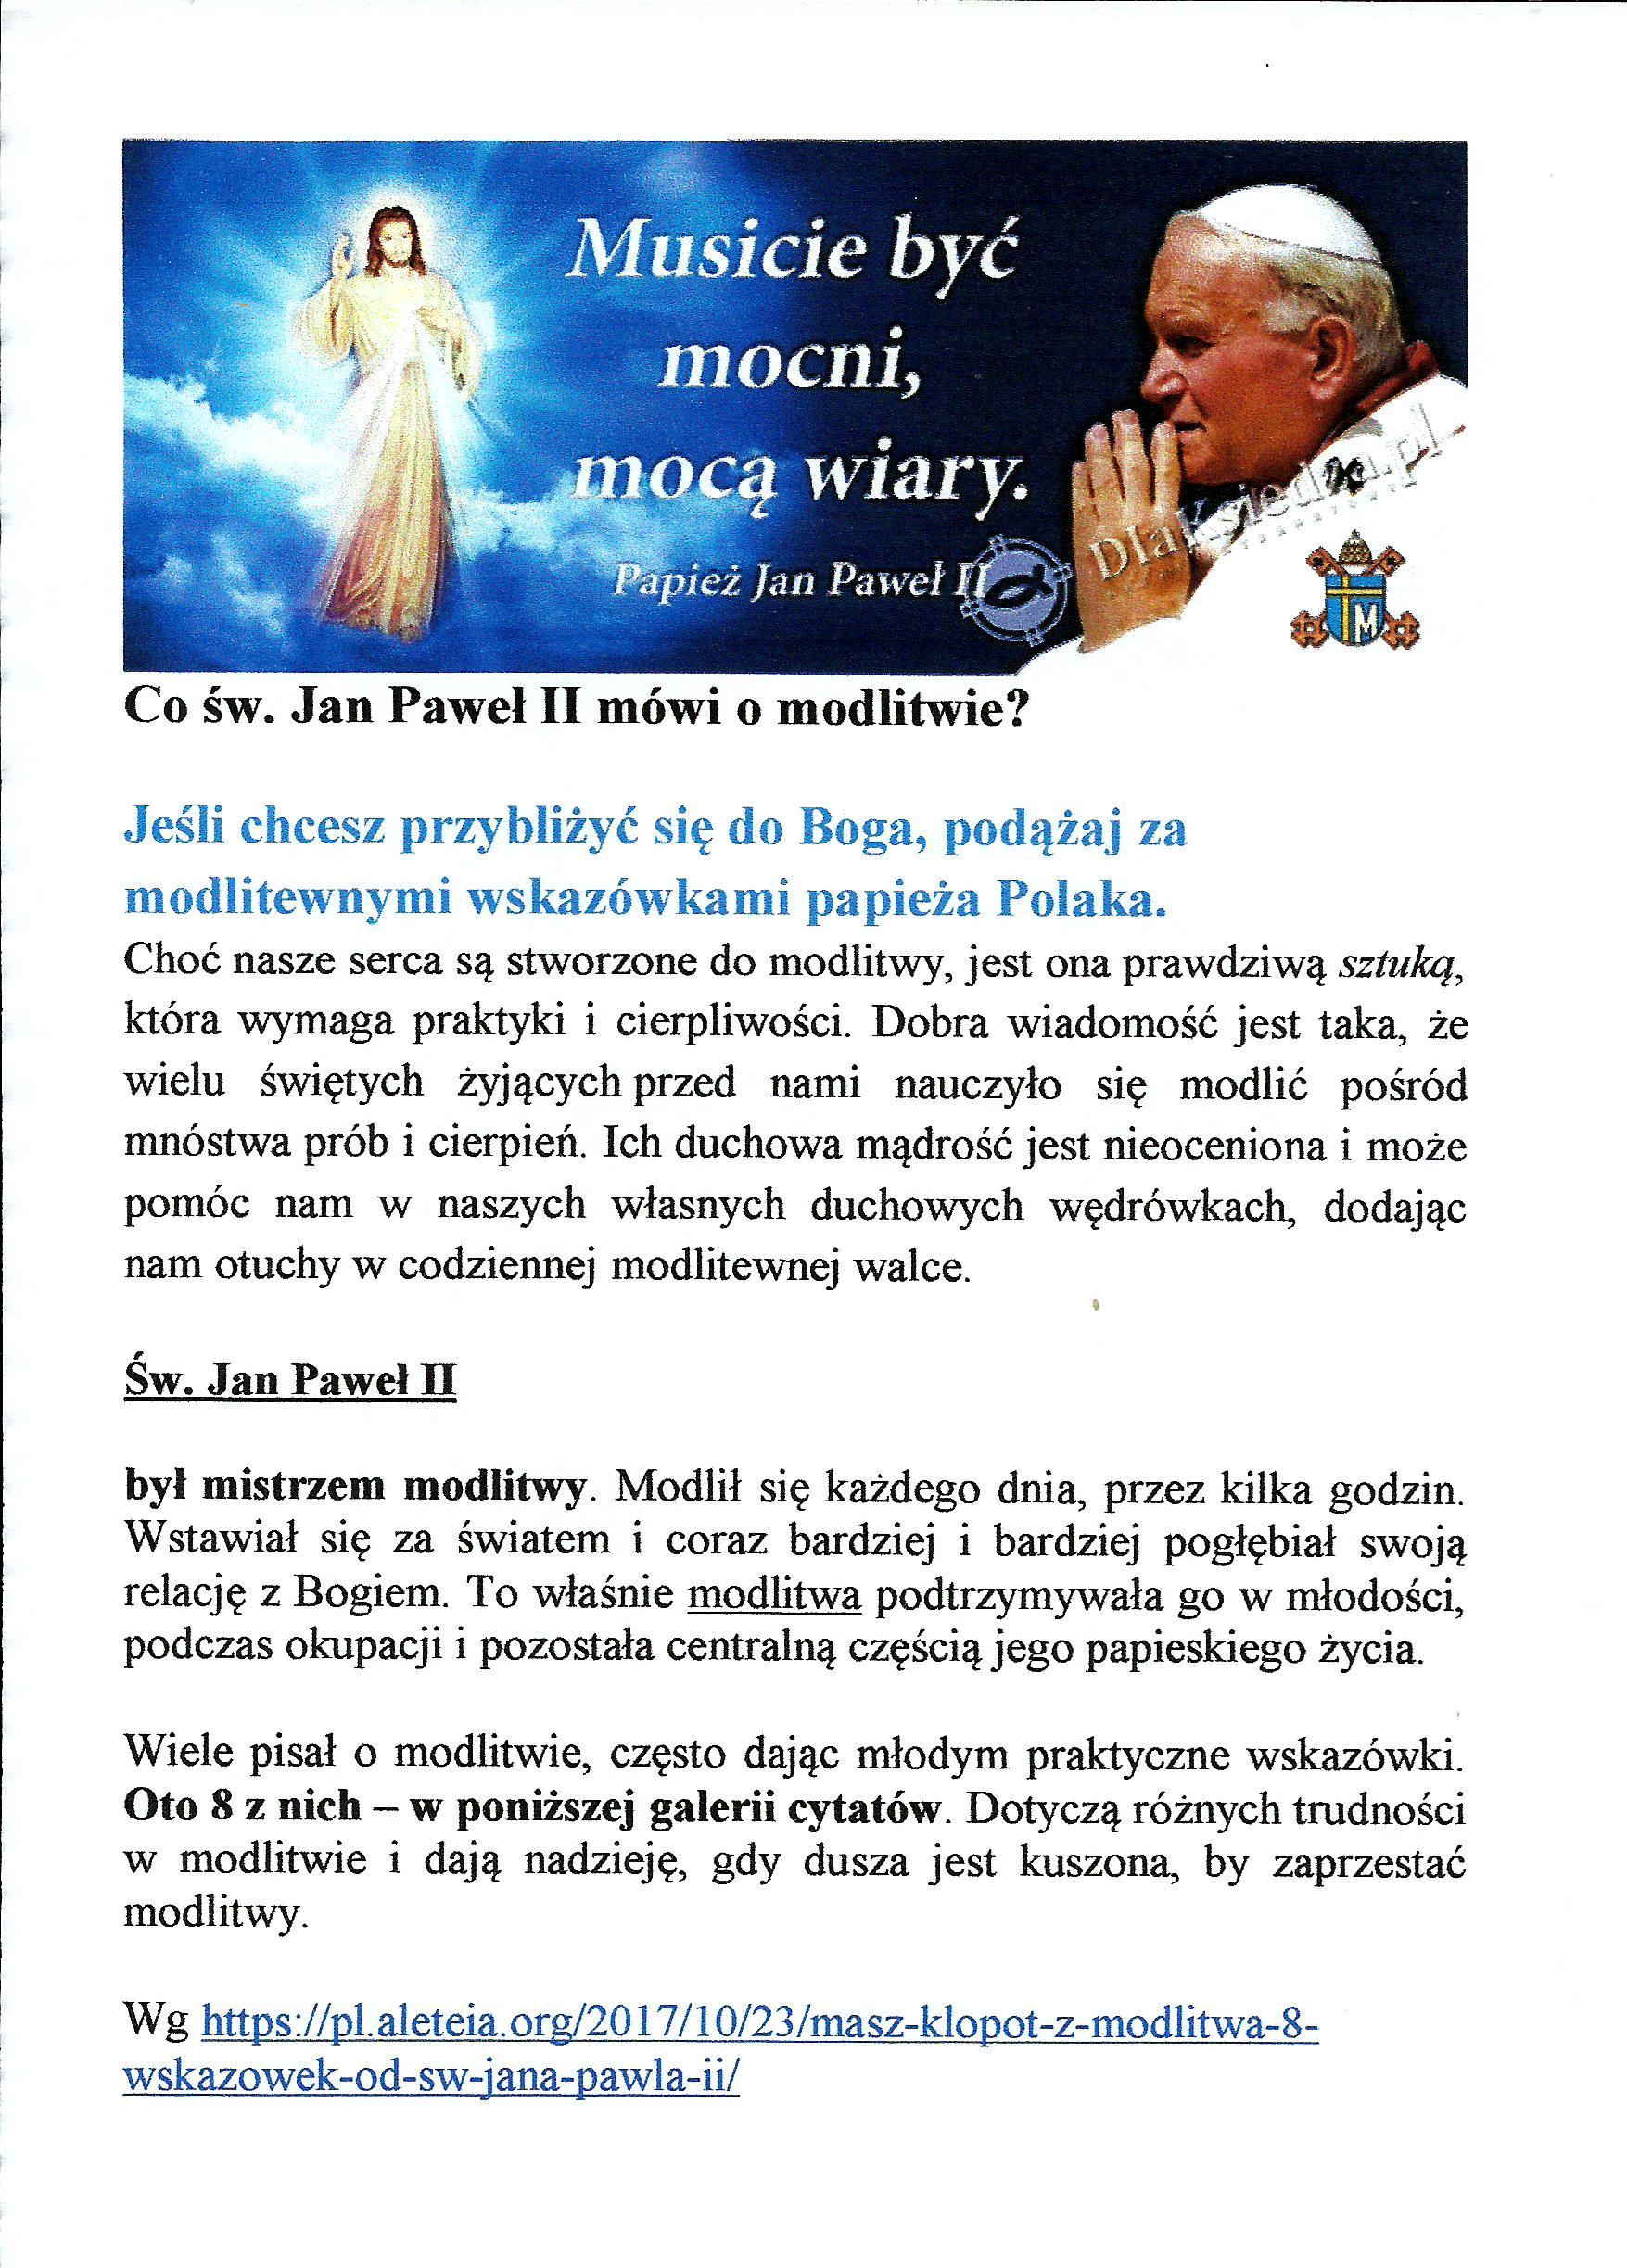 co św. Jan Paweł II mówi o modlitwie0001